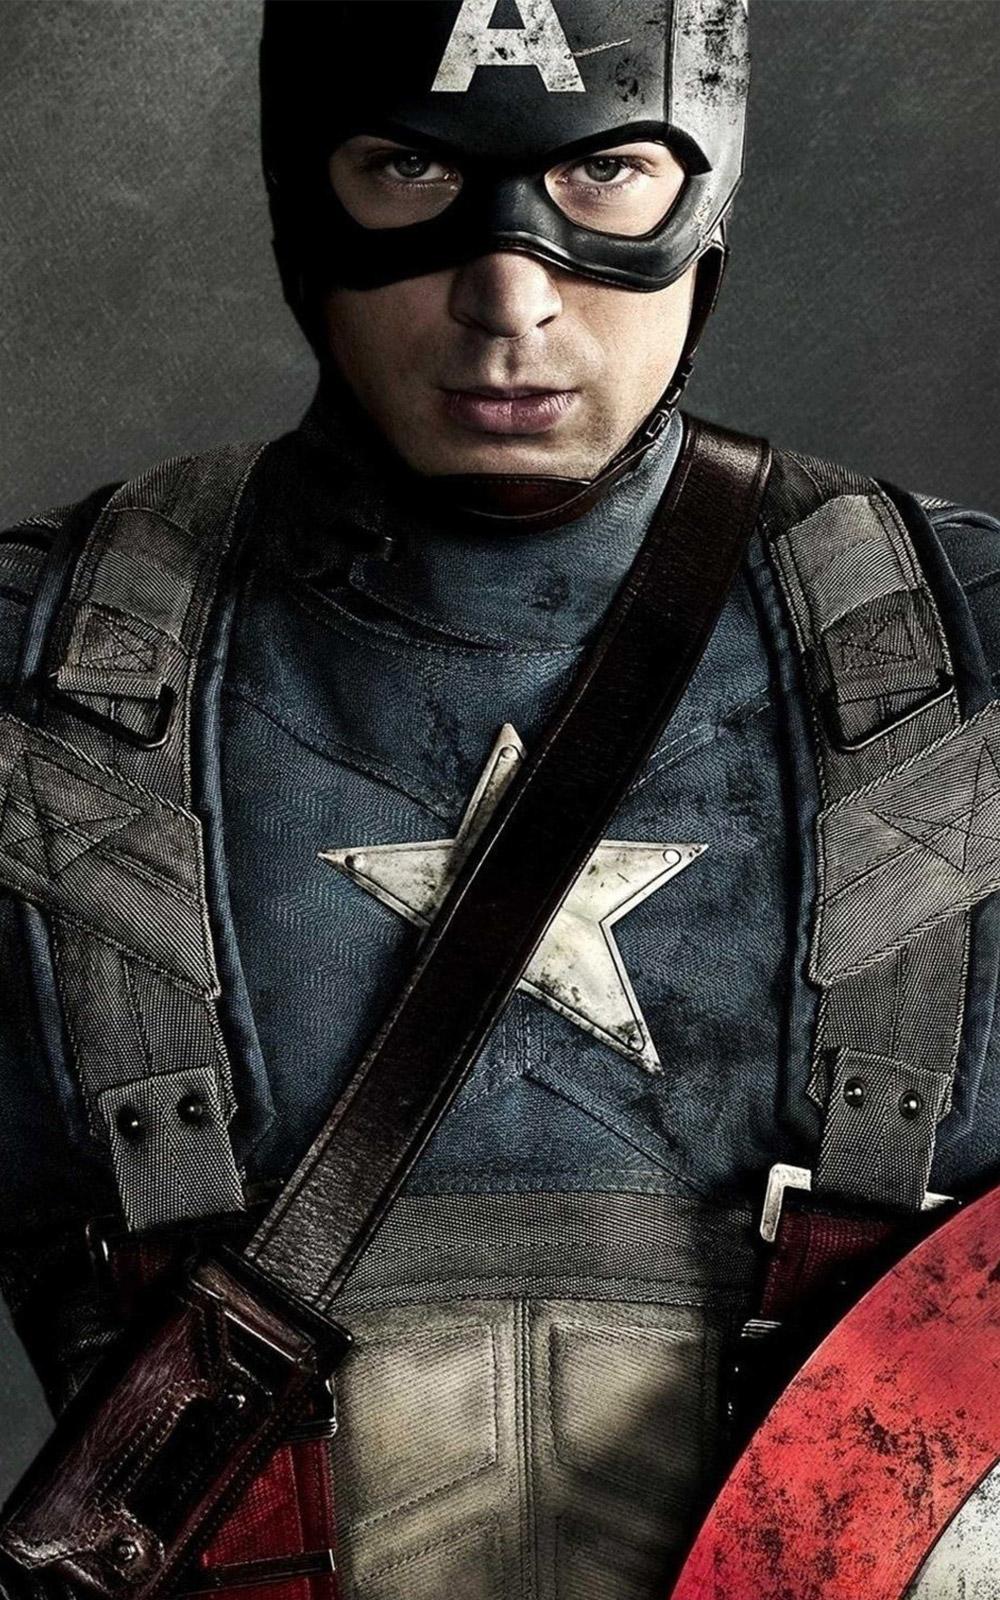 Best Wallpaper Mobile Captain America - captain-america  2018_794923.jpg